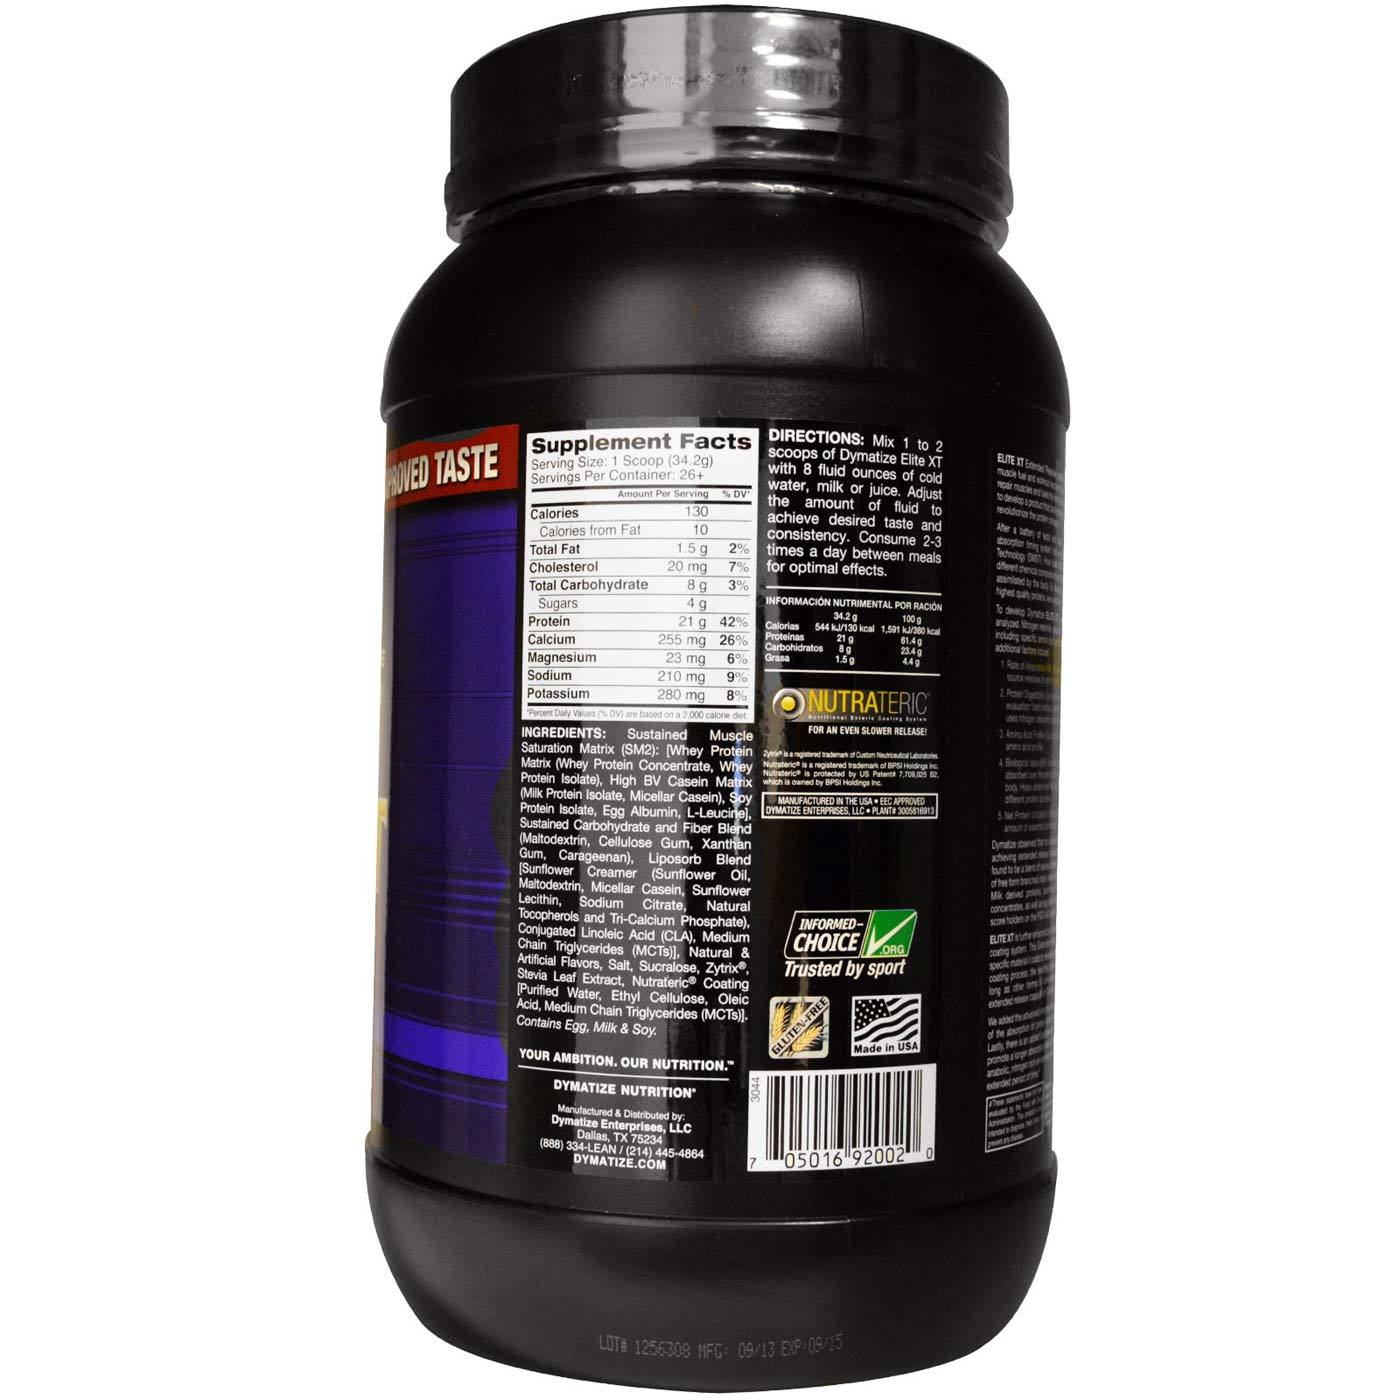 Прием Протеина Для Похудения Девушкам. Как пить протеин для похудения девушкам: советы